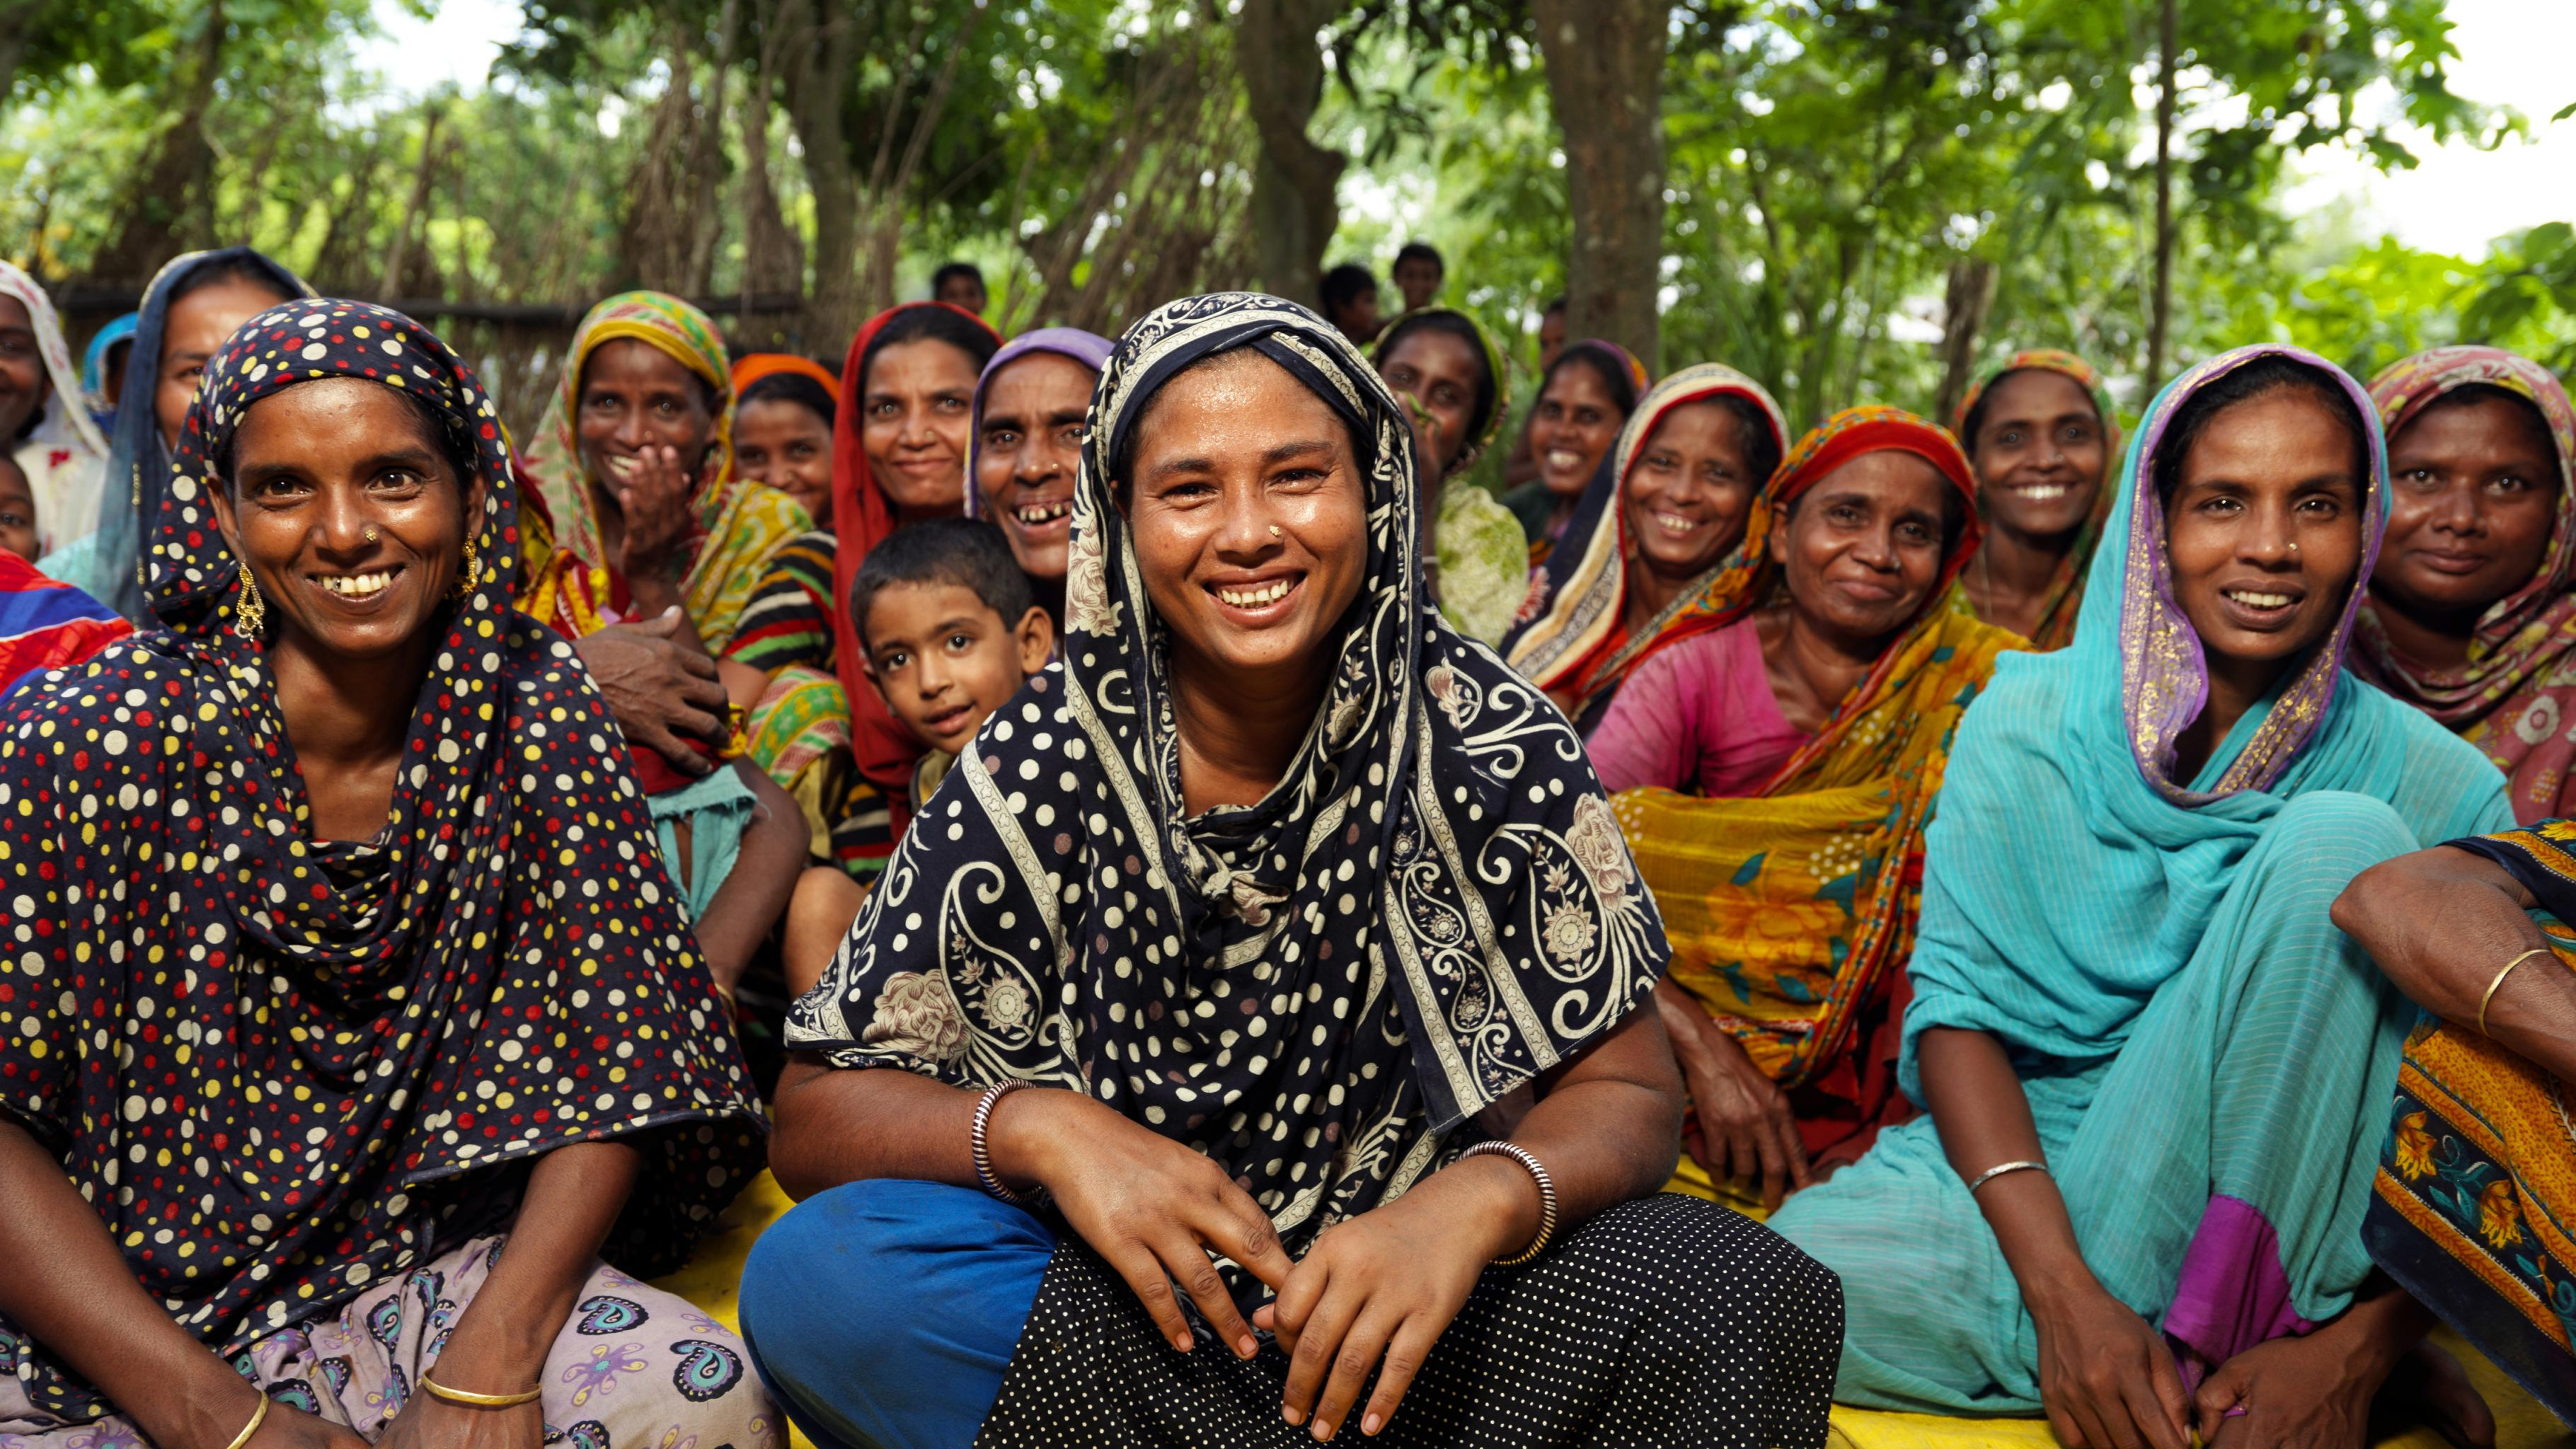 Mitglieder des Frauen-Clubs ADDA in der Stadt Char Saydabad in der Region Shirajganj in Bangladesch.